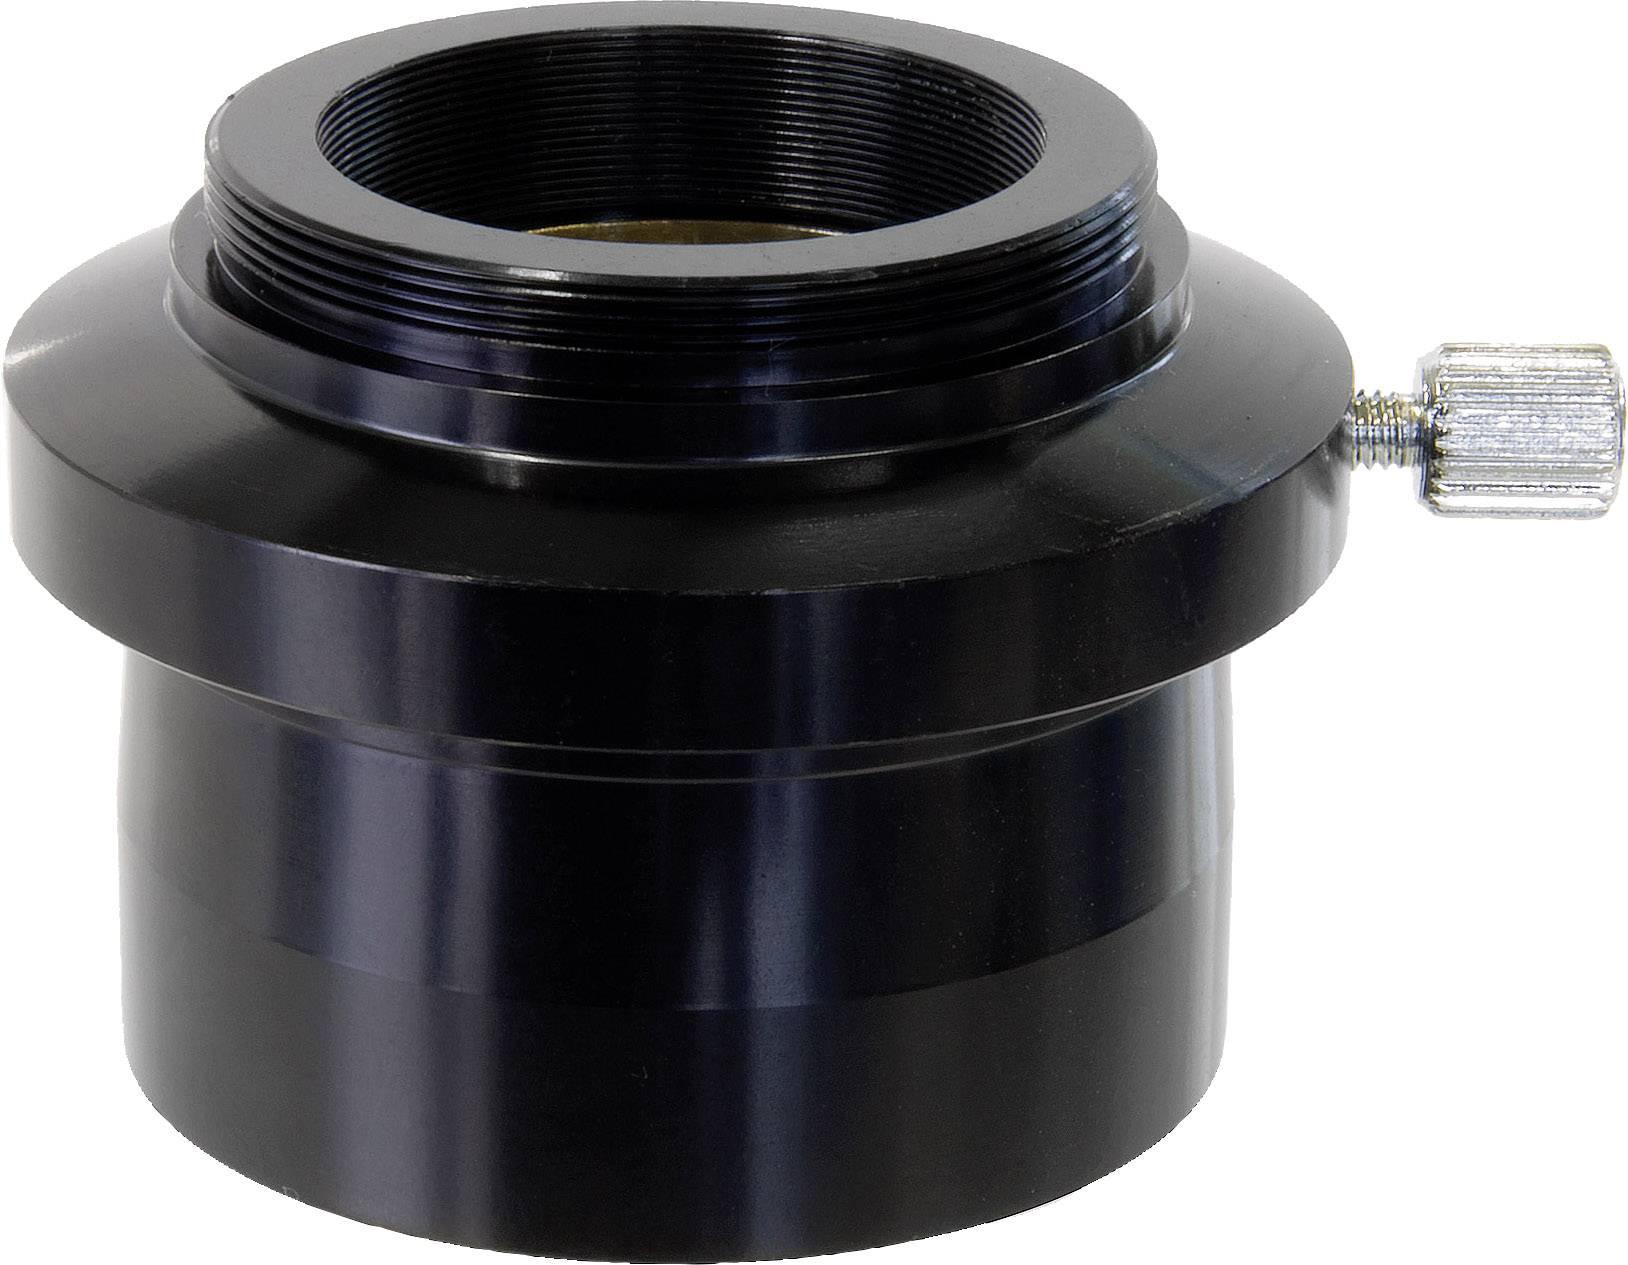 Somikon teleskopkamera wifi hd endoskop kamera für ios und